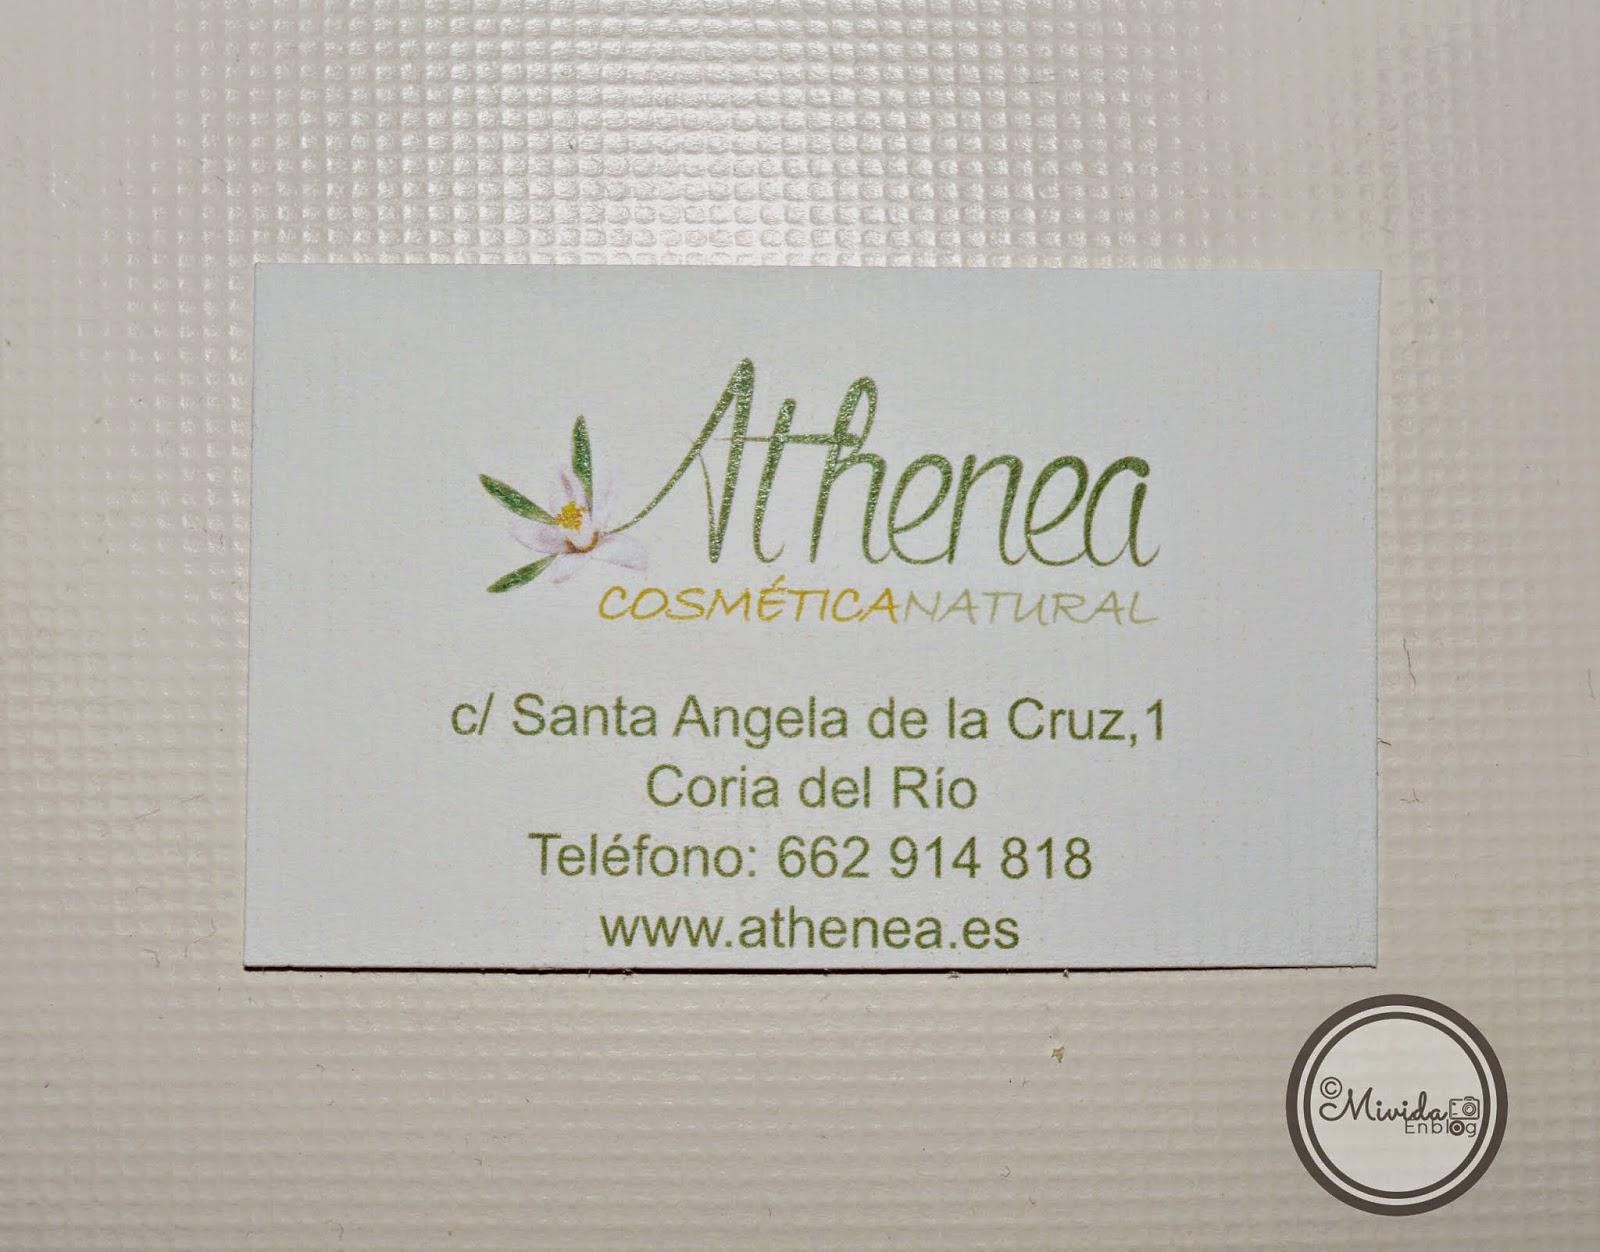 http://www.atheneacosmeticanatural.com/index.php/productos/12-definicion/46-cabello